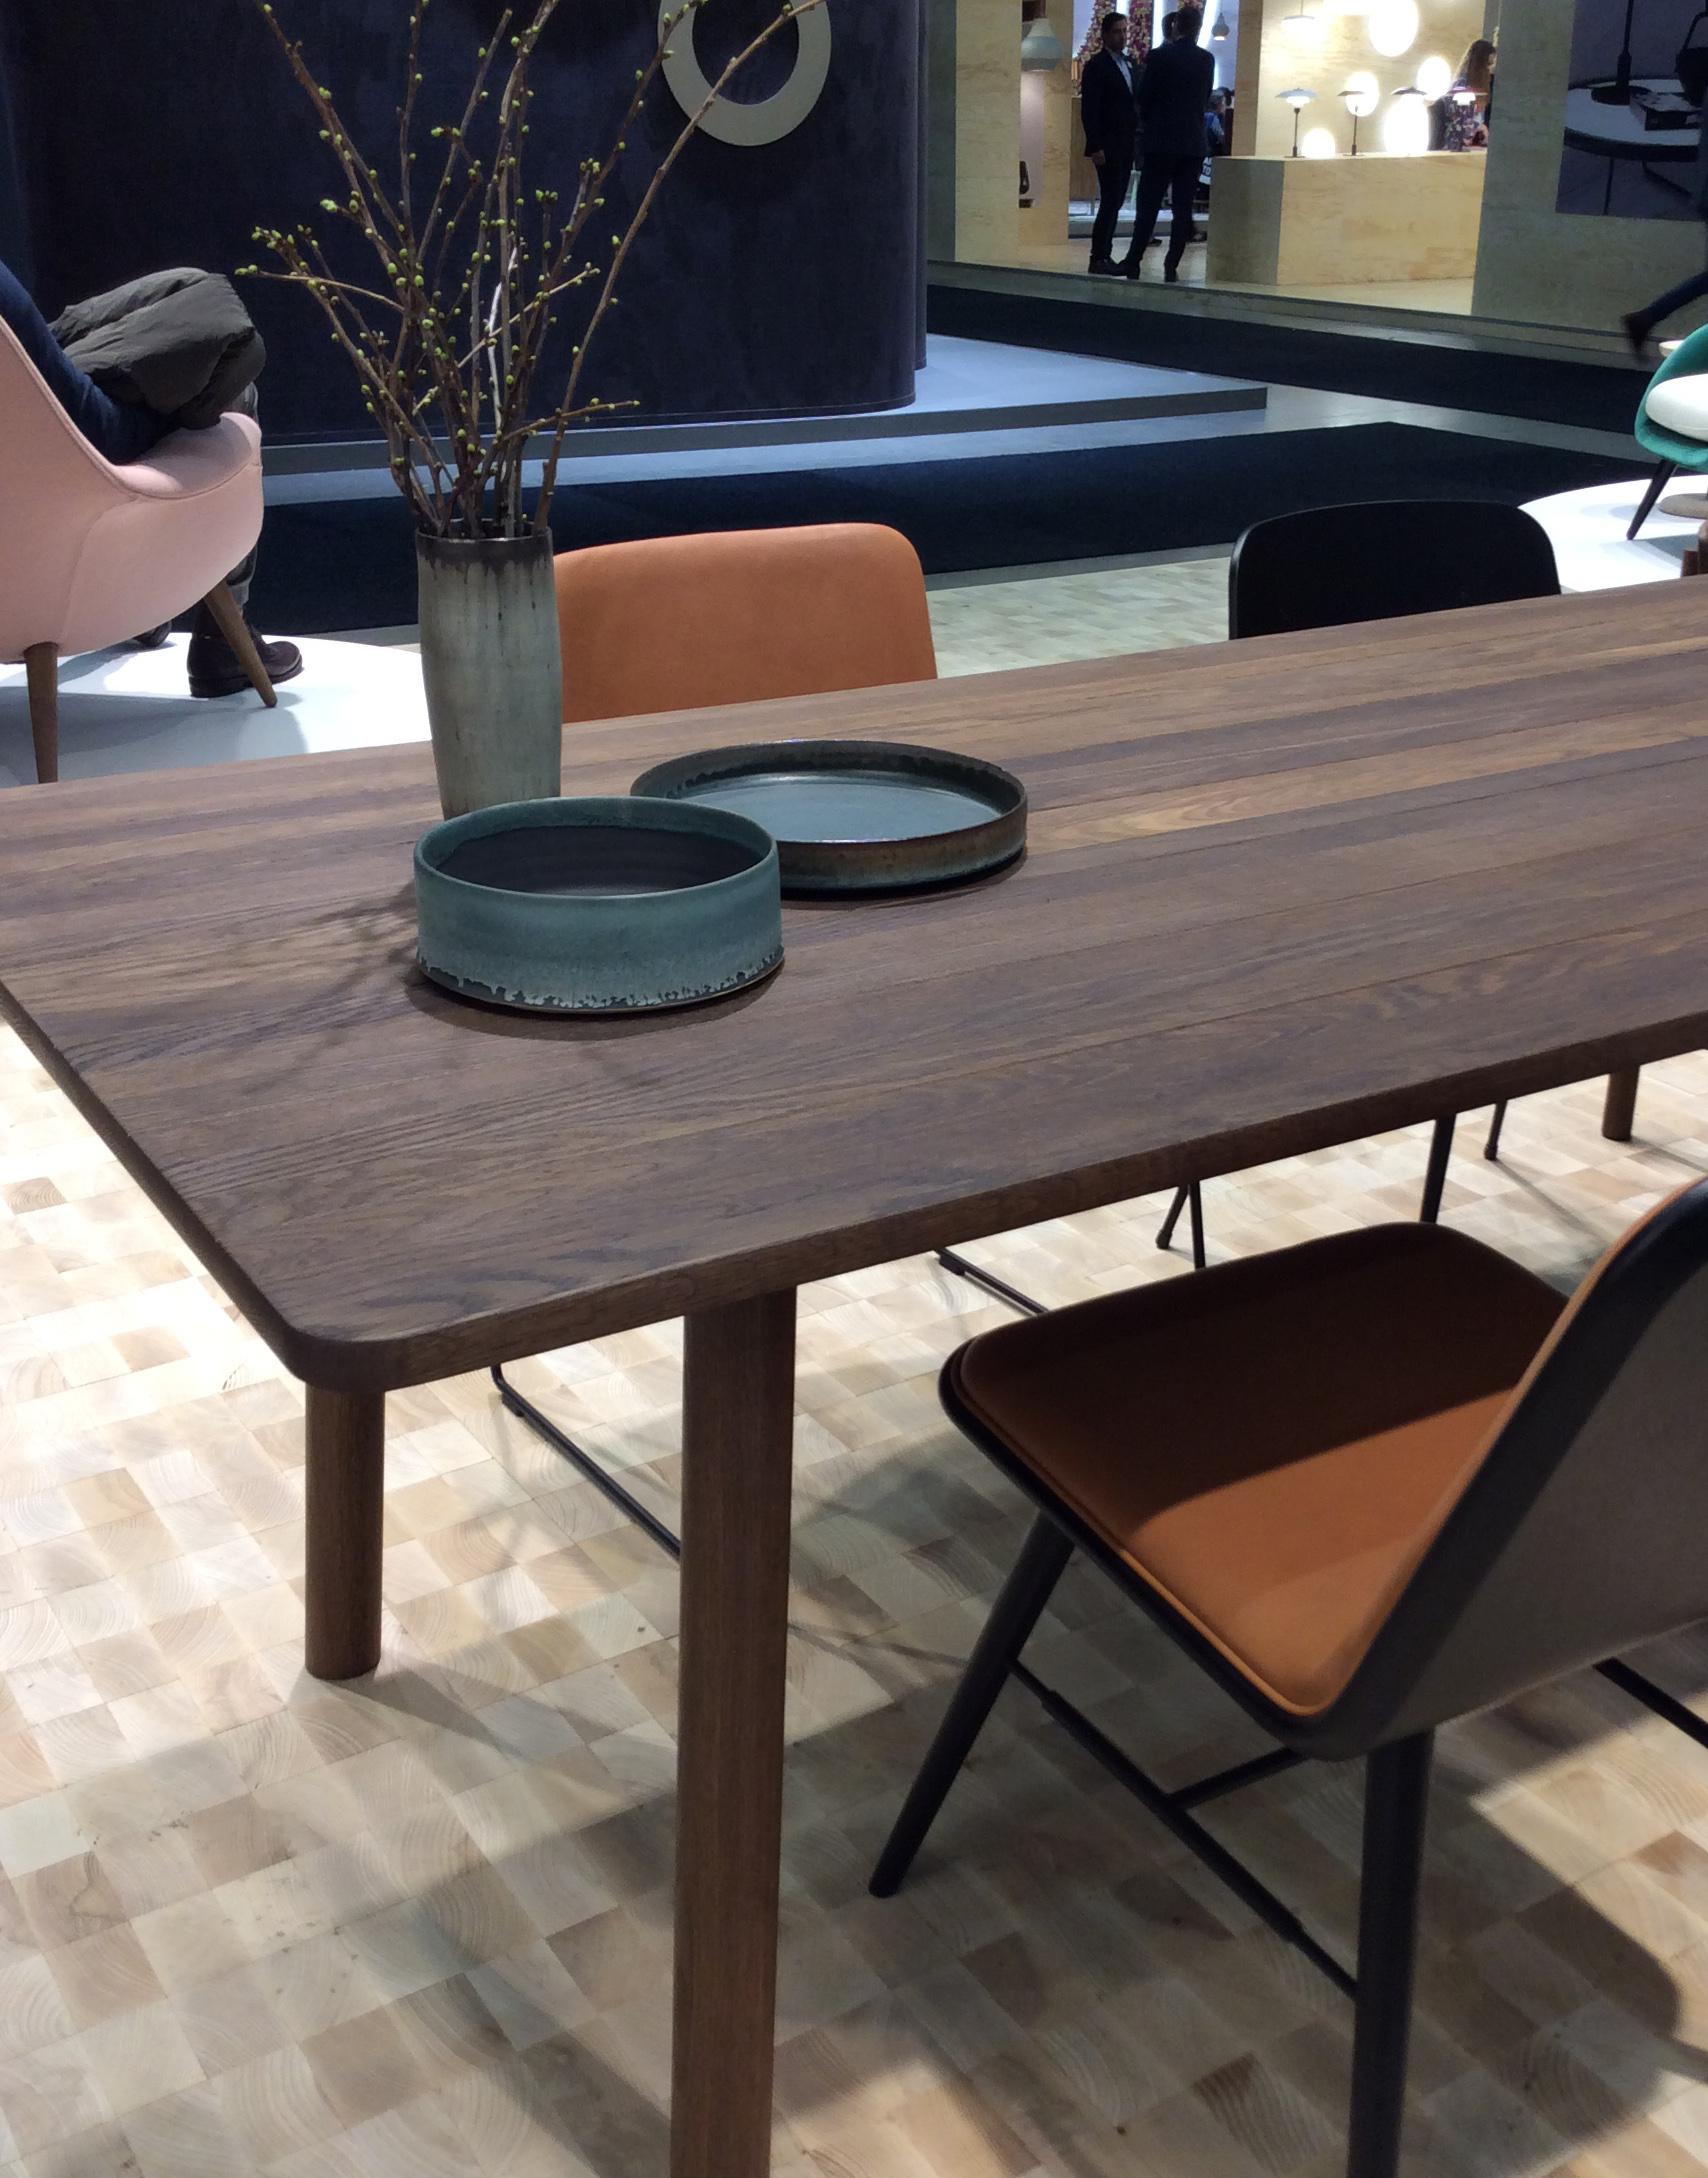 Spisebord i valnøtt, desigent av Jasper Morrison for Fredericia.